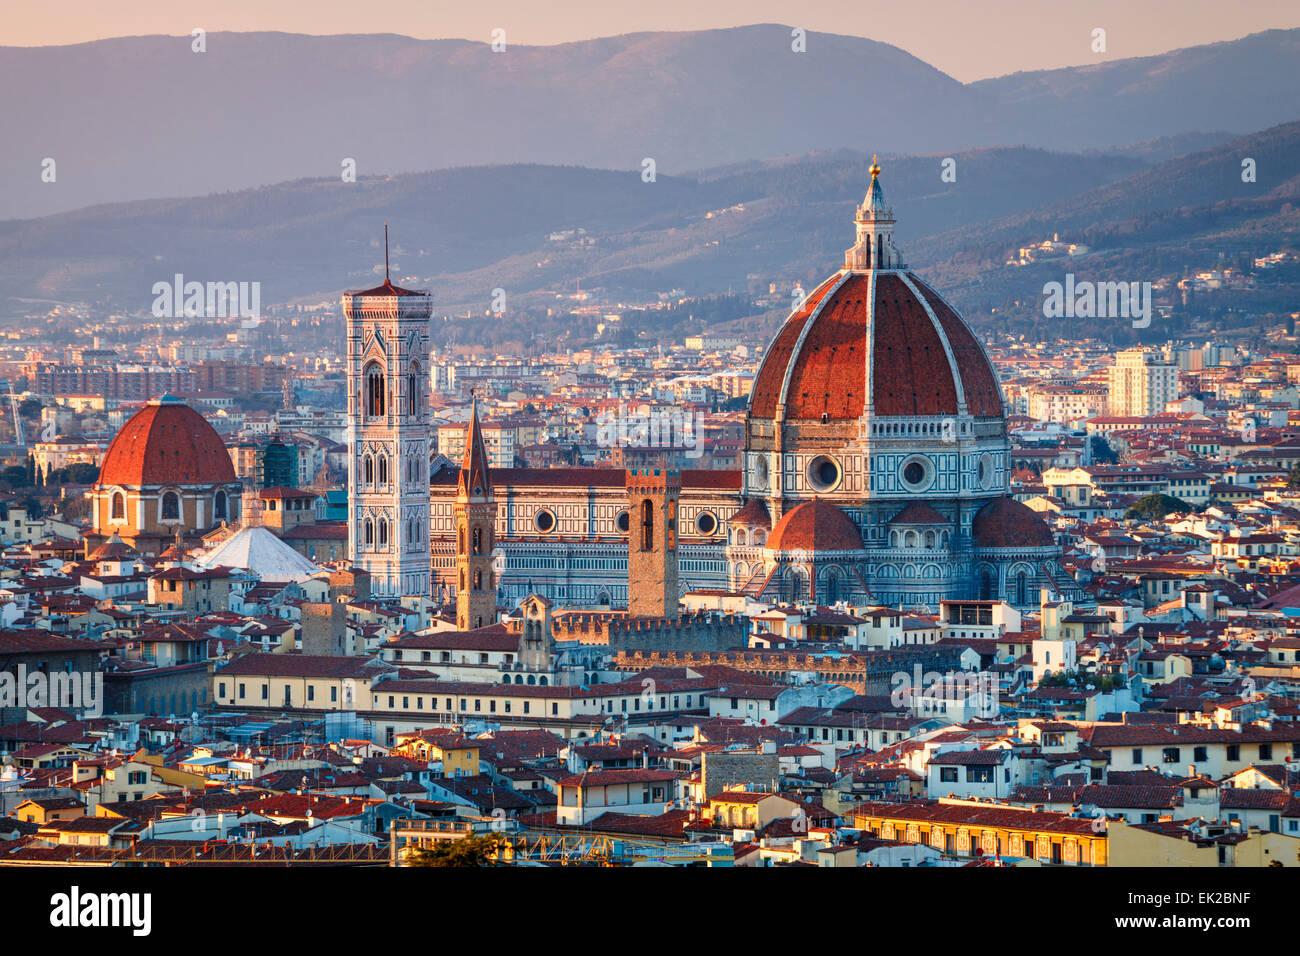 Der Dom von Florenz bei Sonnenuntergang, Toskana, Italien. Stockbild